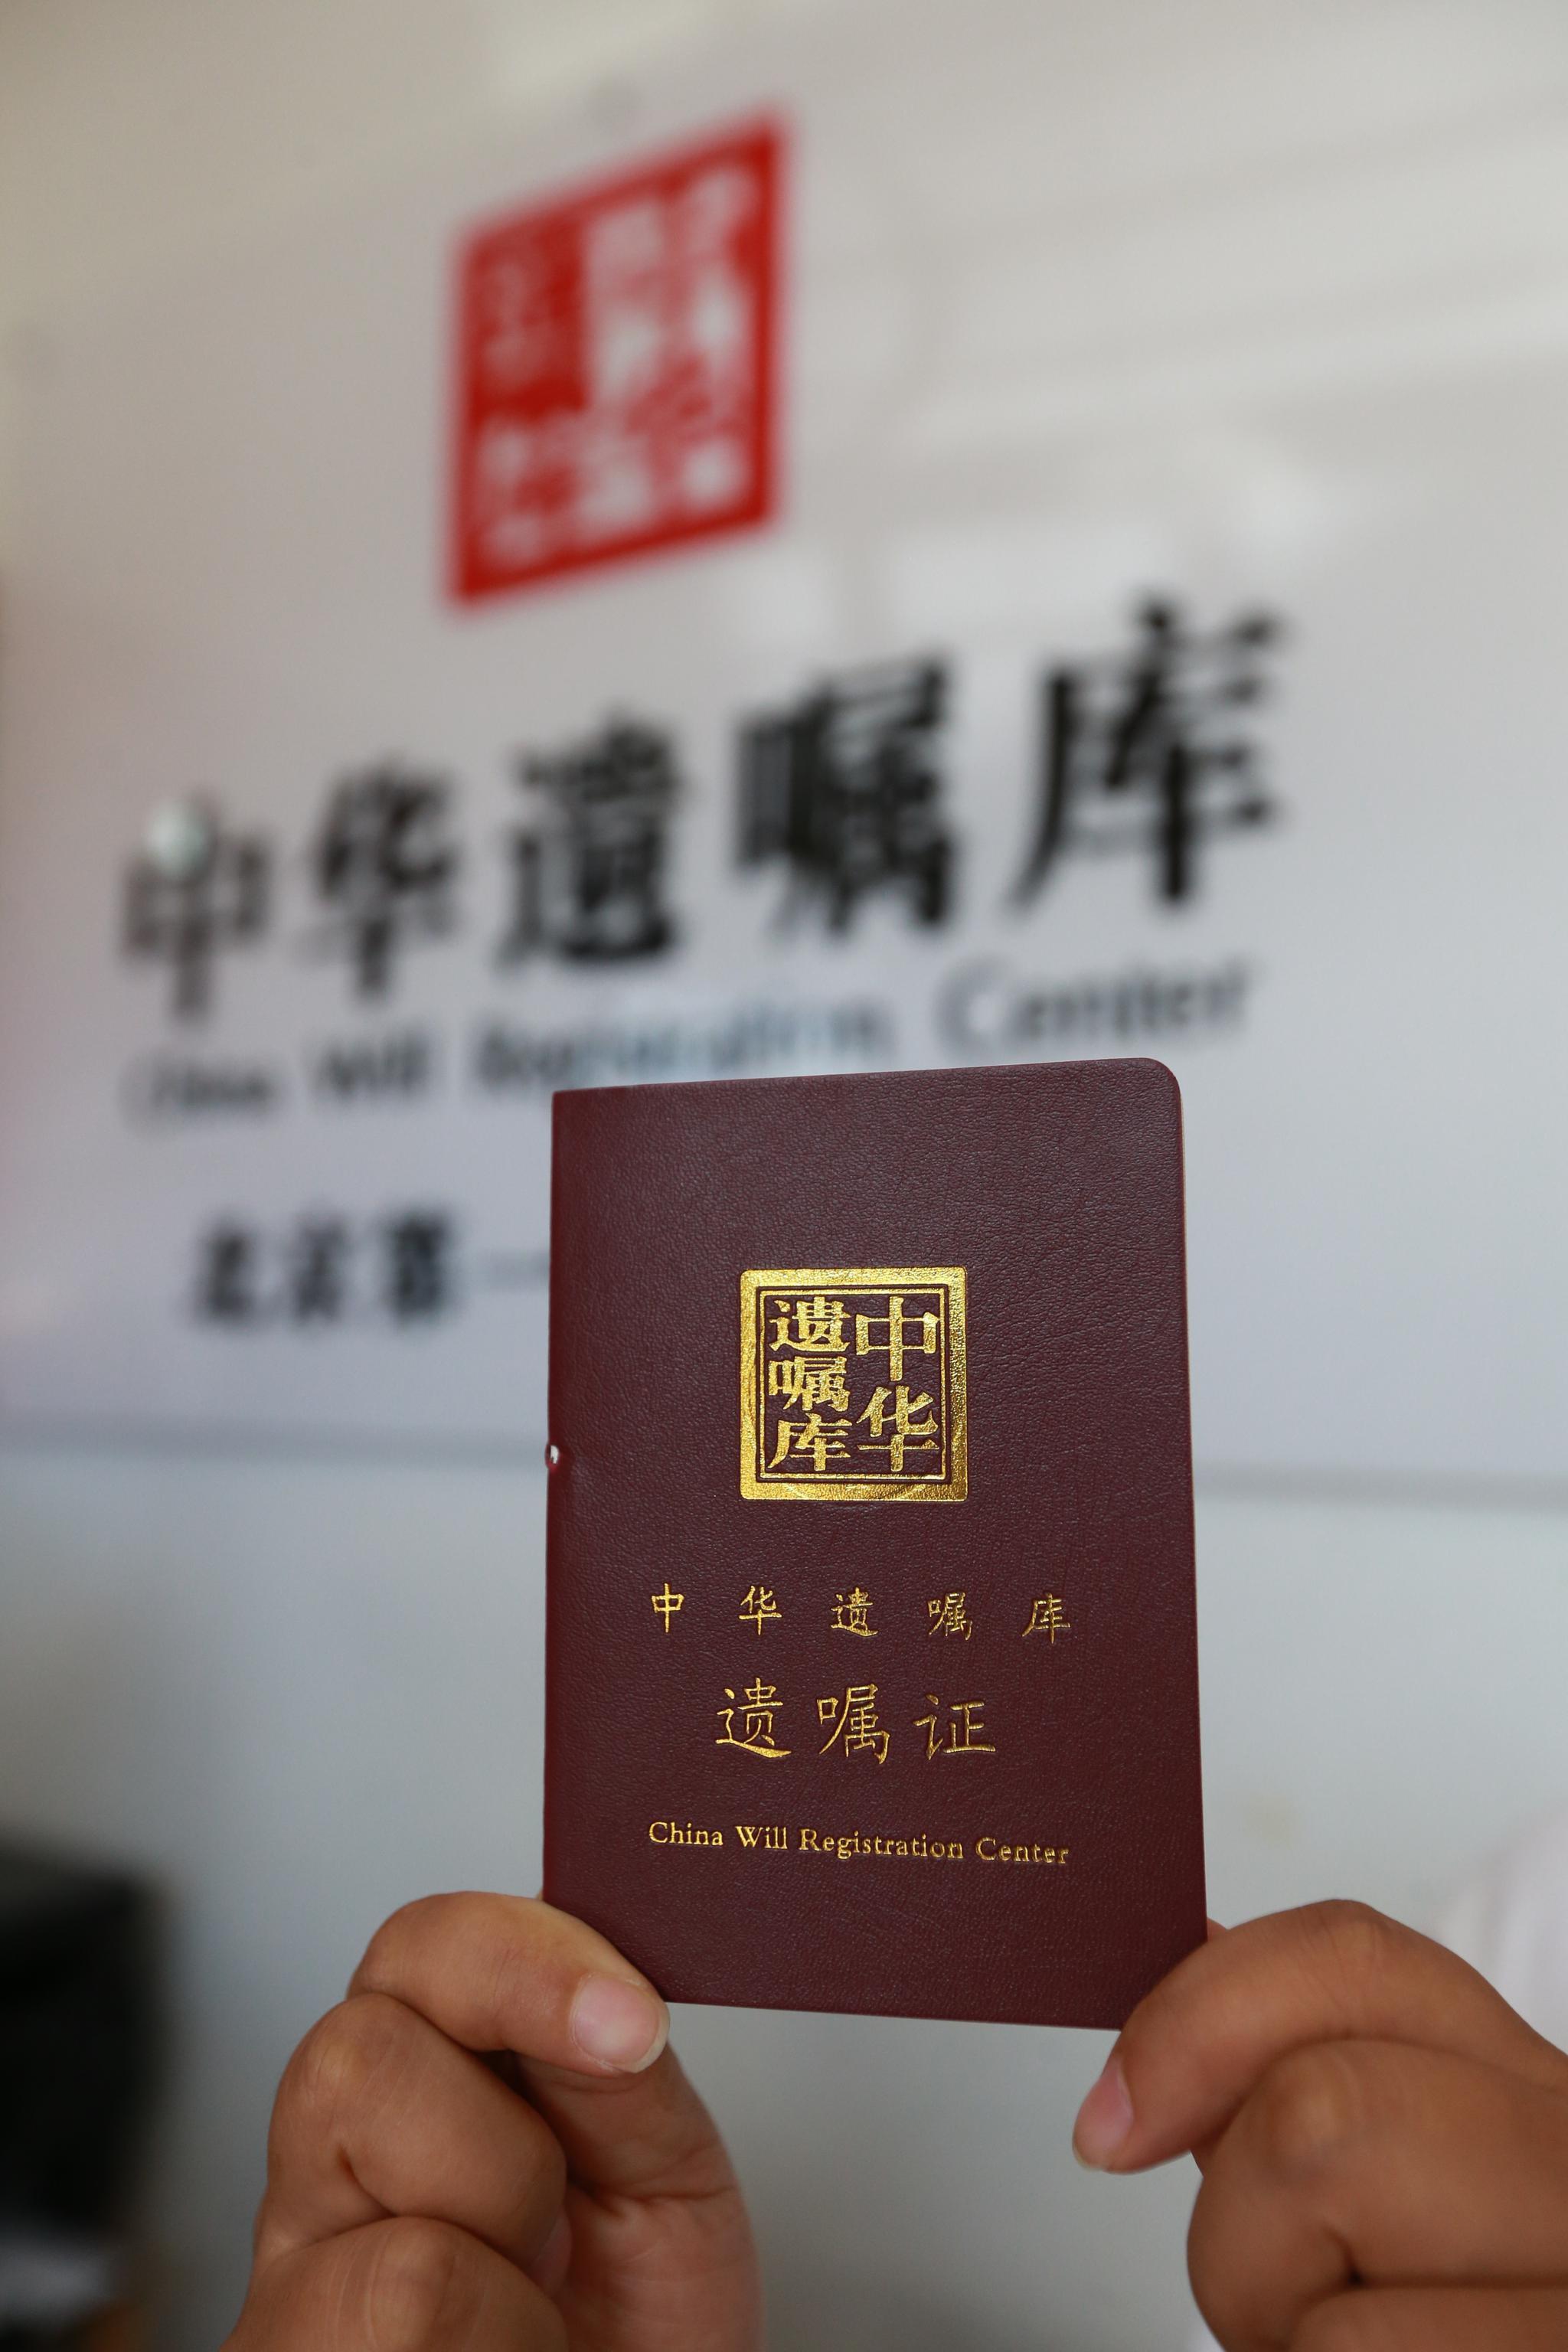 立遗嘱者展示遗嘱证。图片来自中华遗嘱库